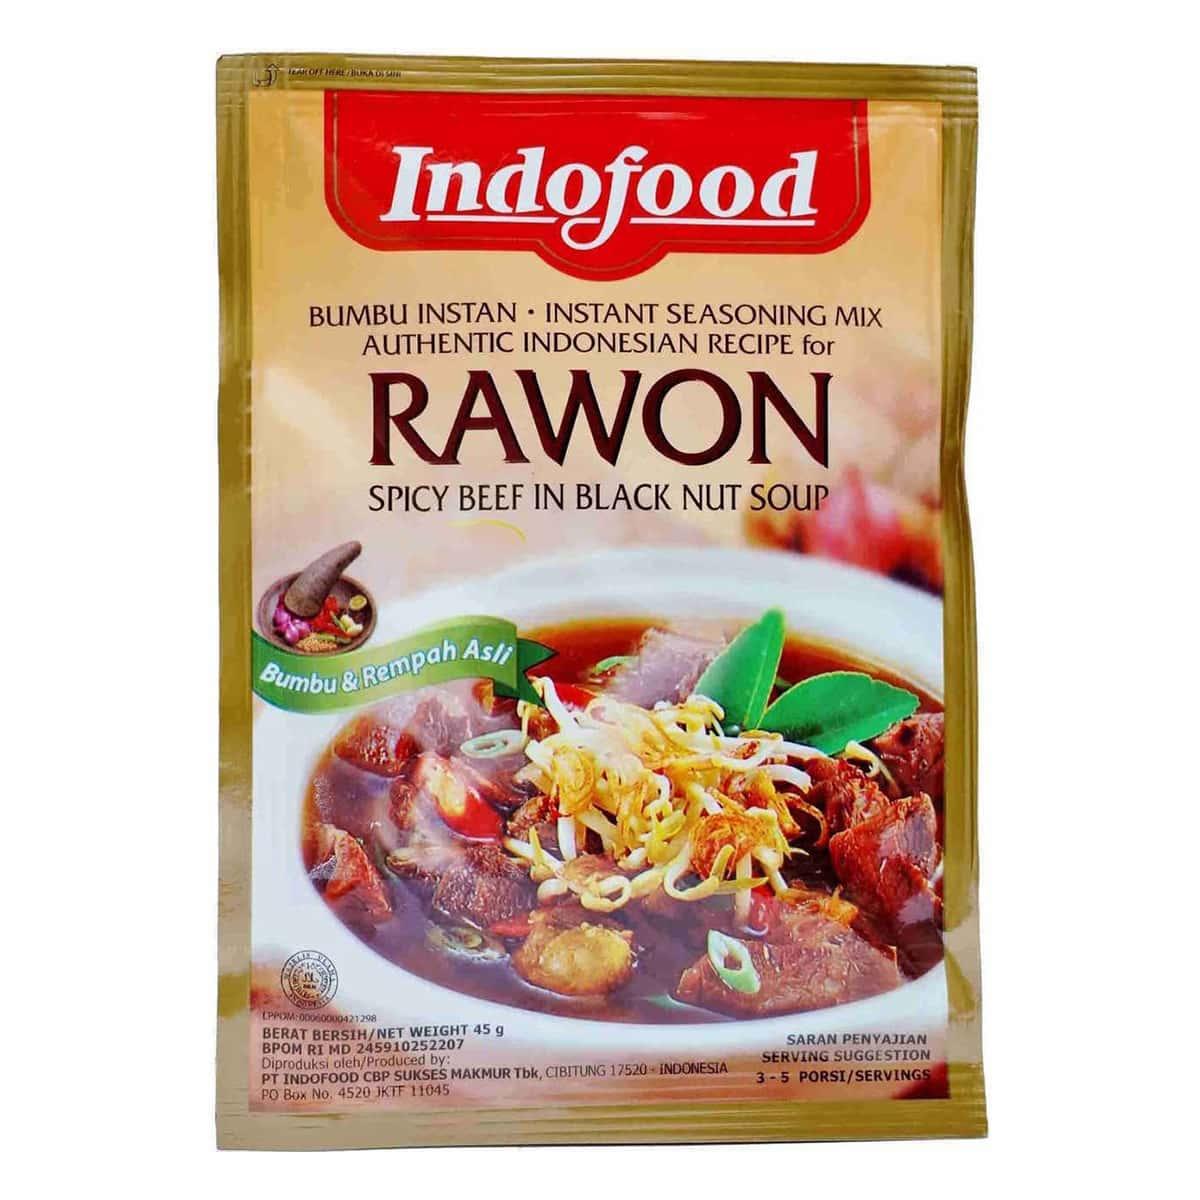 Buy Indofood Rawon (Instant Seasoning Mix) - 45 gm